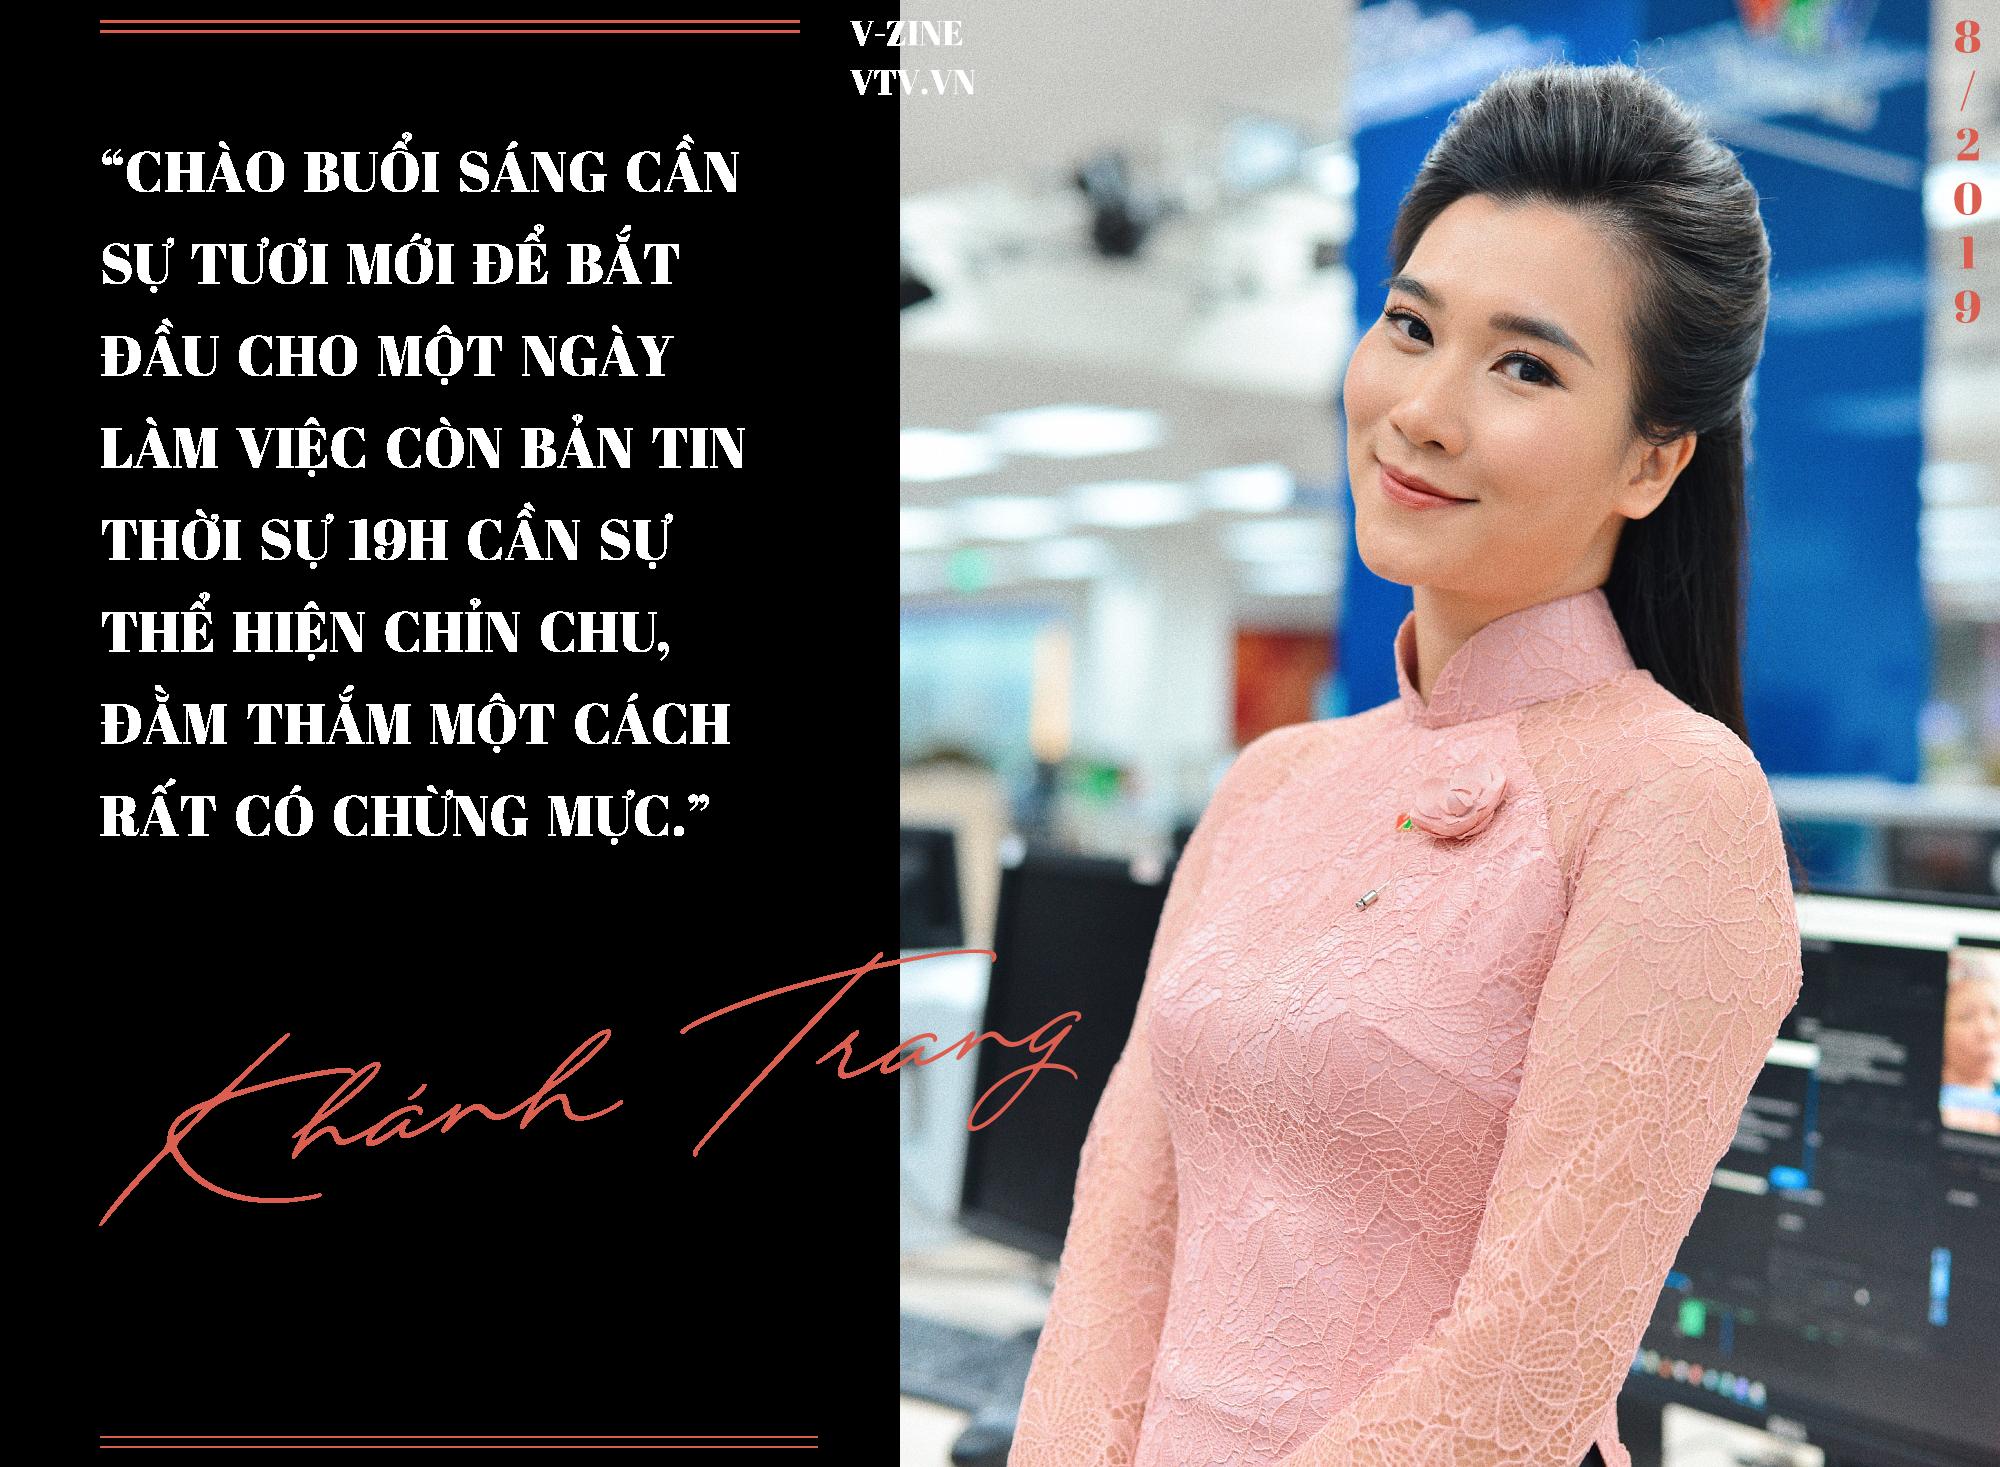 BTV Khánh Trang: Trở về Bản tin Thời sự 19h là sự trở về tràn đầy tự tin và năng lượng - Ảnh 4.